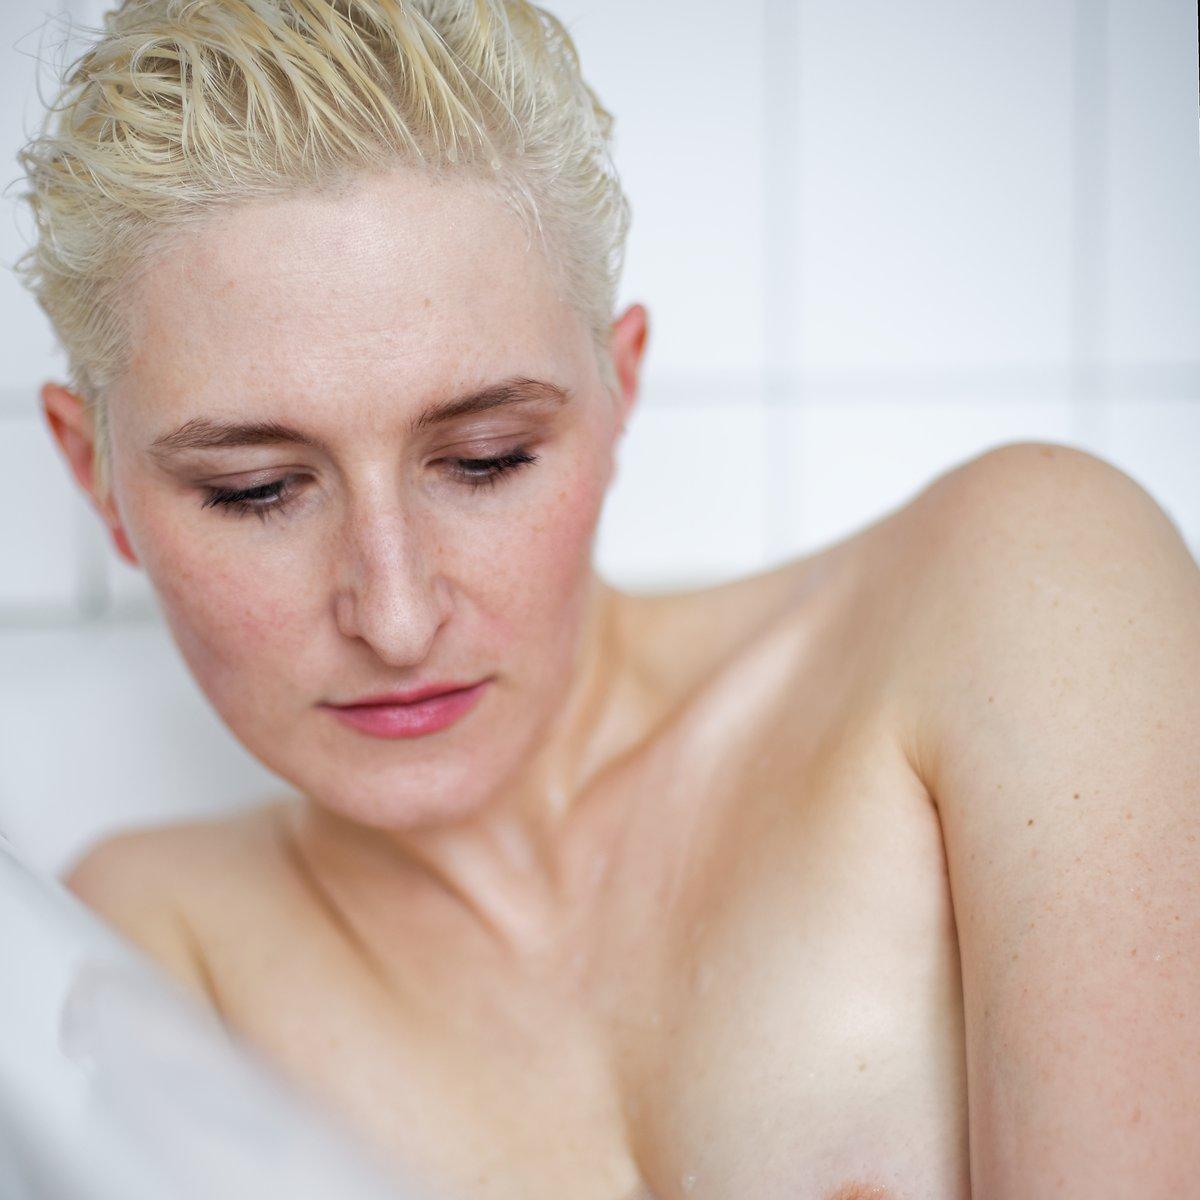 Mit #Alissa in #Hamburg #actress #schauspielerin #portrait #indoor #drinnen #bathroom    Mehr Bilder und Infos: http://99Augenblicke.blog/Alissa-IVpic.twitter.com/MRgaaWxK1x